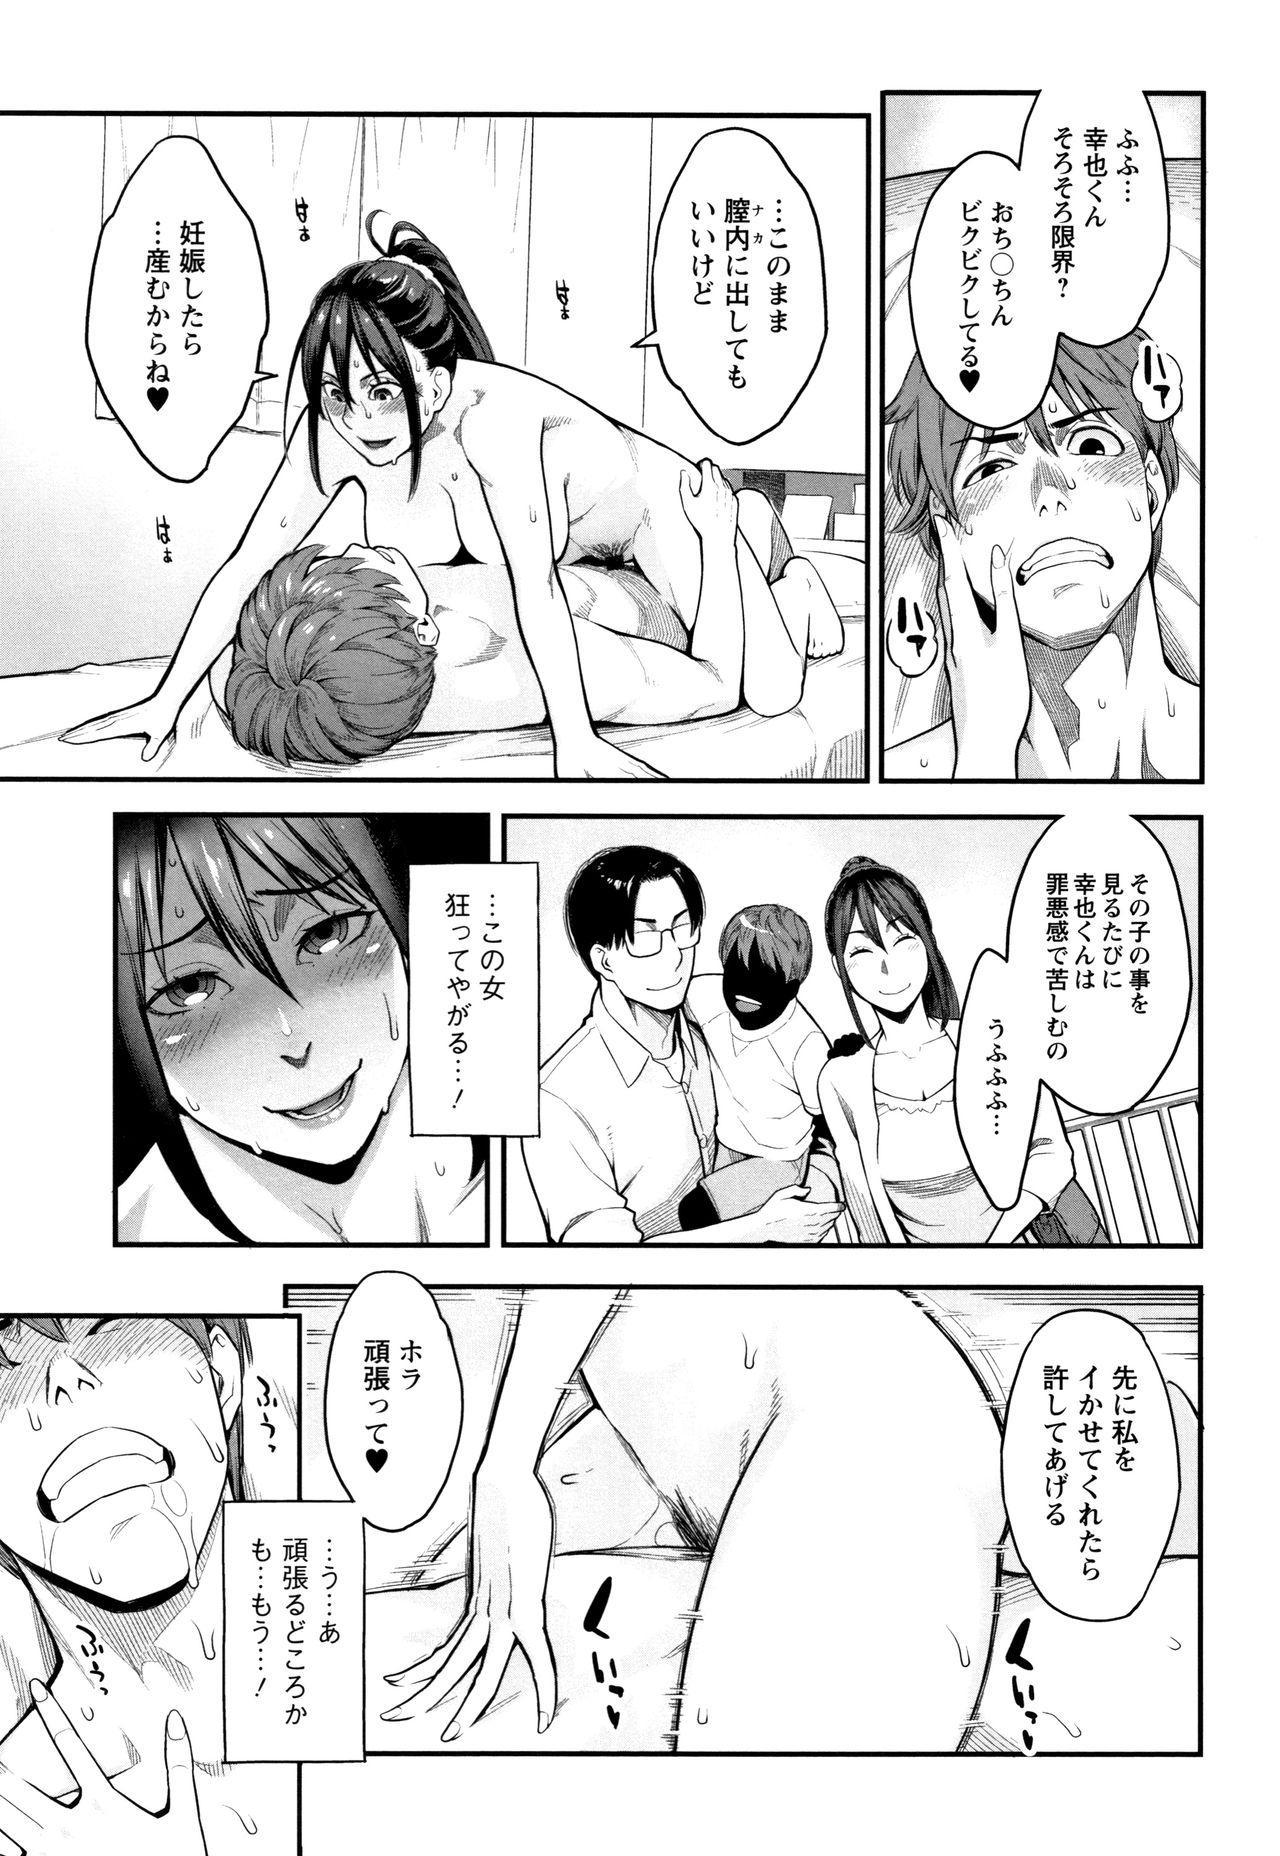 Toketa Risei wa Biyaku no Kaori 17